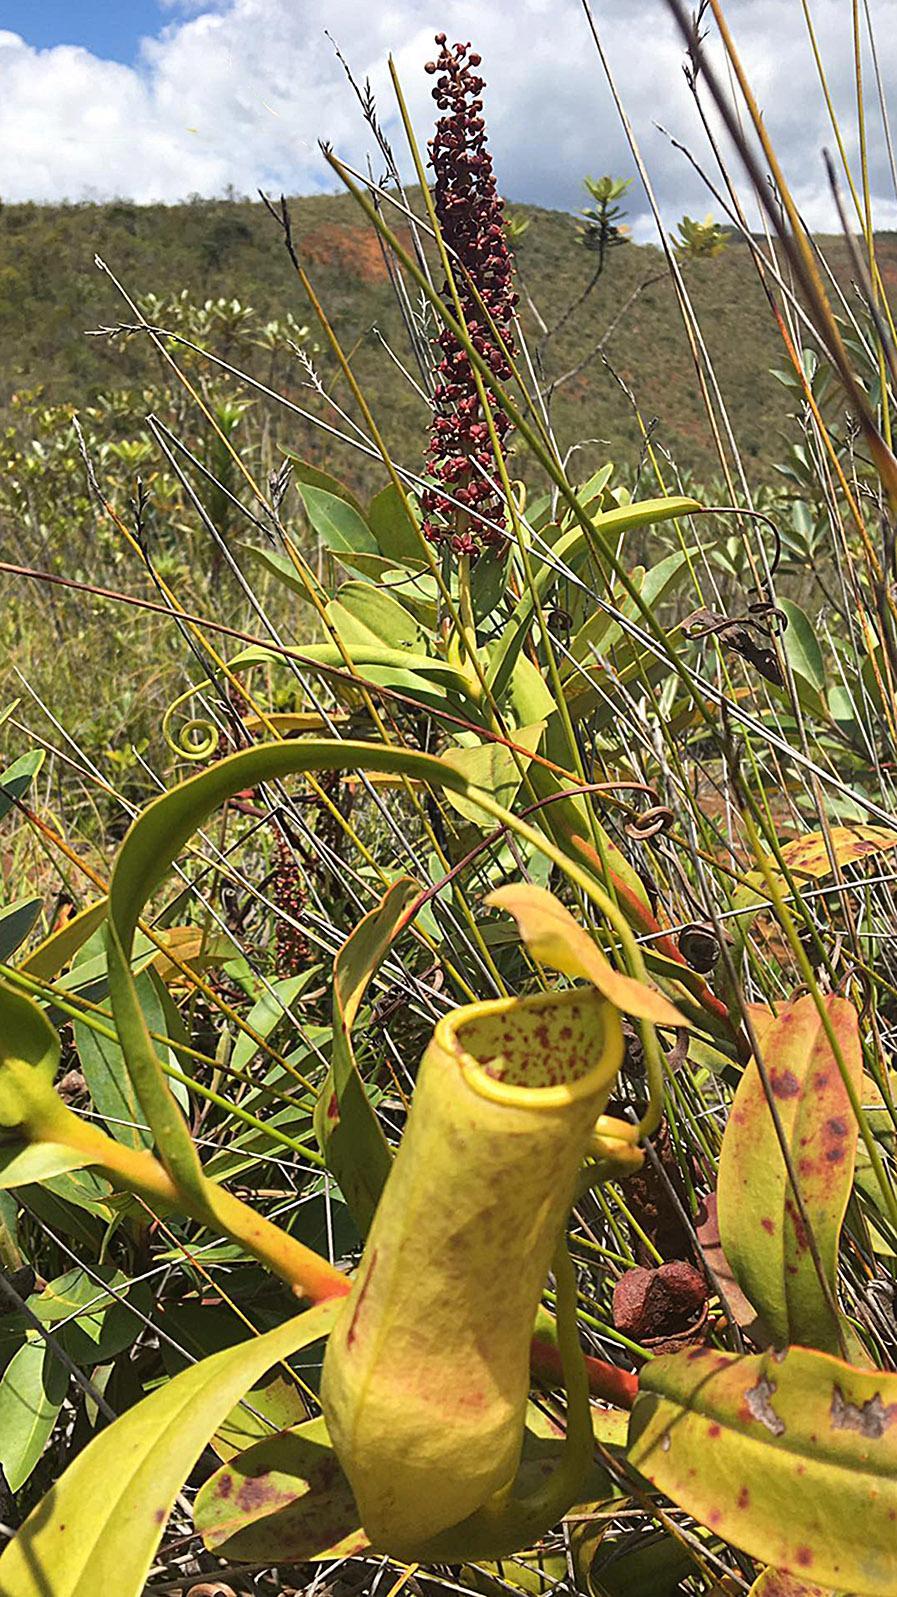 Eine der fleischfressenden Pflanzen von Rivière Bleue; Sie lockt mit süß duftendem Duft die Insekten. Foto: Hilke Maunder